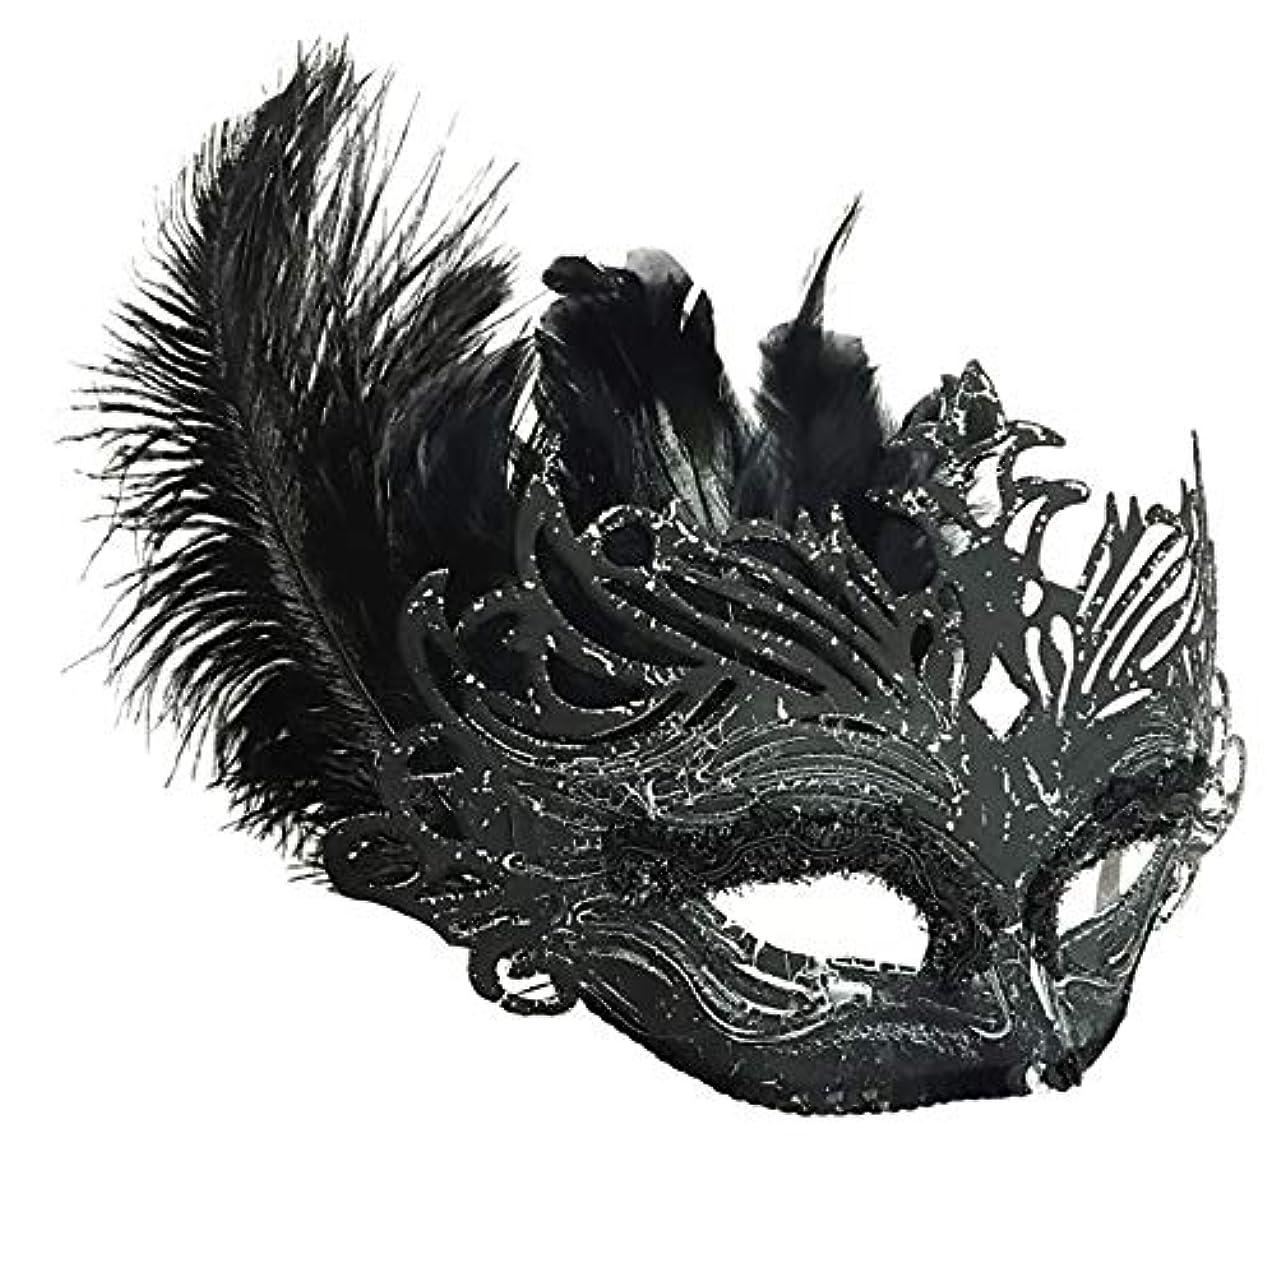 家禽台無しに現像Nanle Halloween Ornate Blackコロンビーナフェザーマスク (色 : 黒)